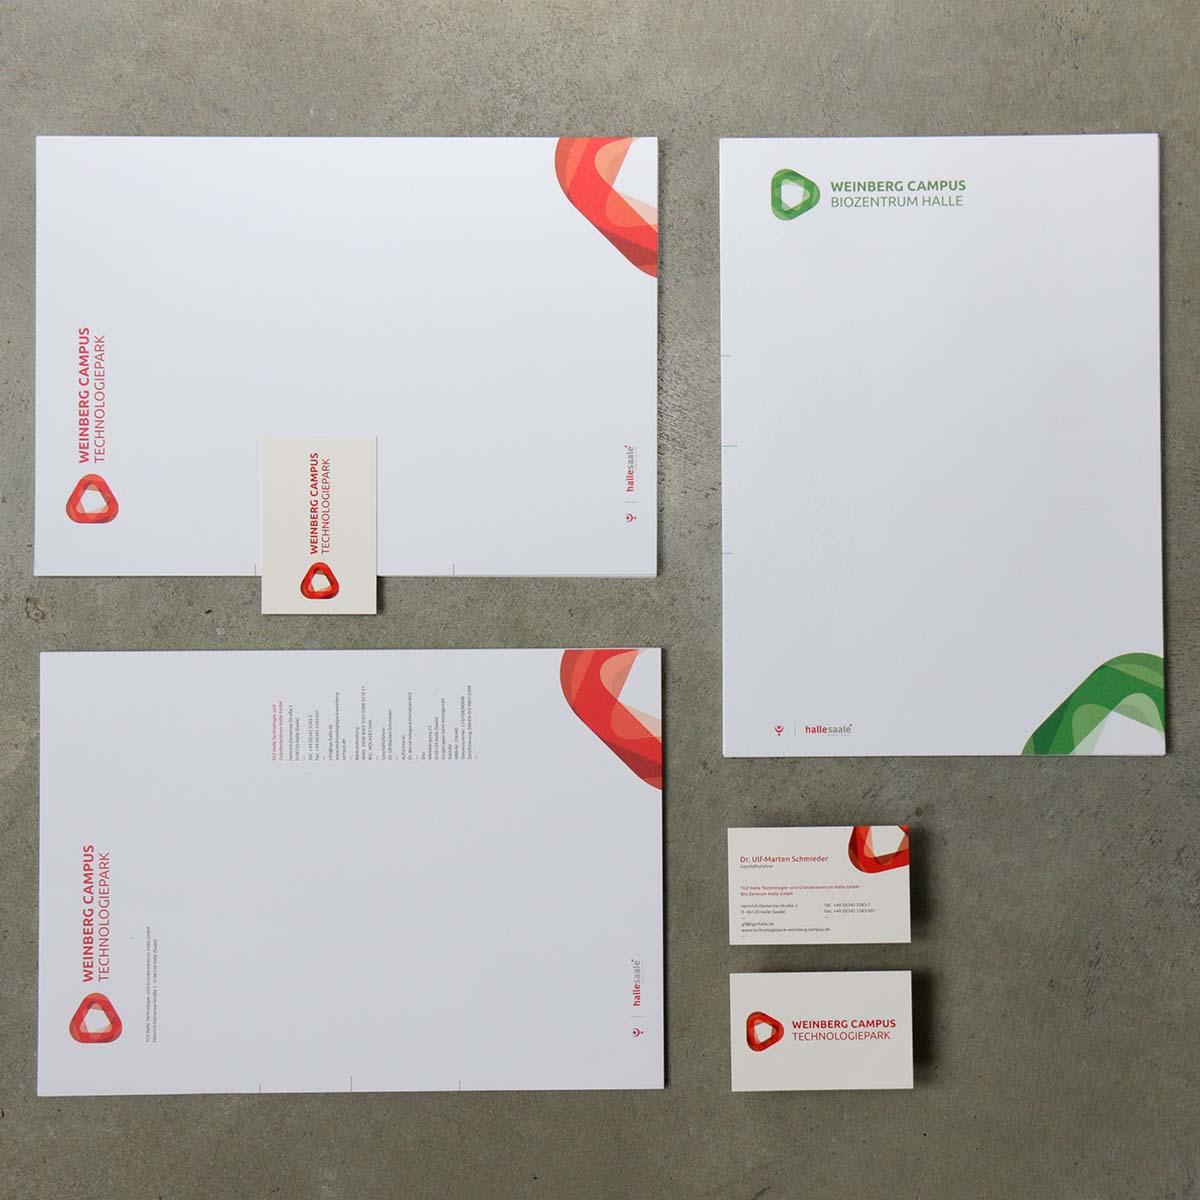 Briefbögen und Visitenkarten vom Weinberg Campus Technologiepark